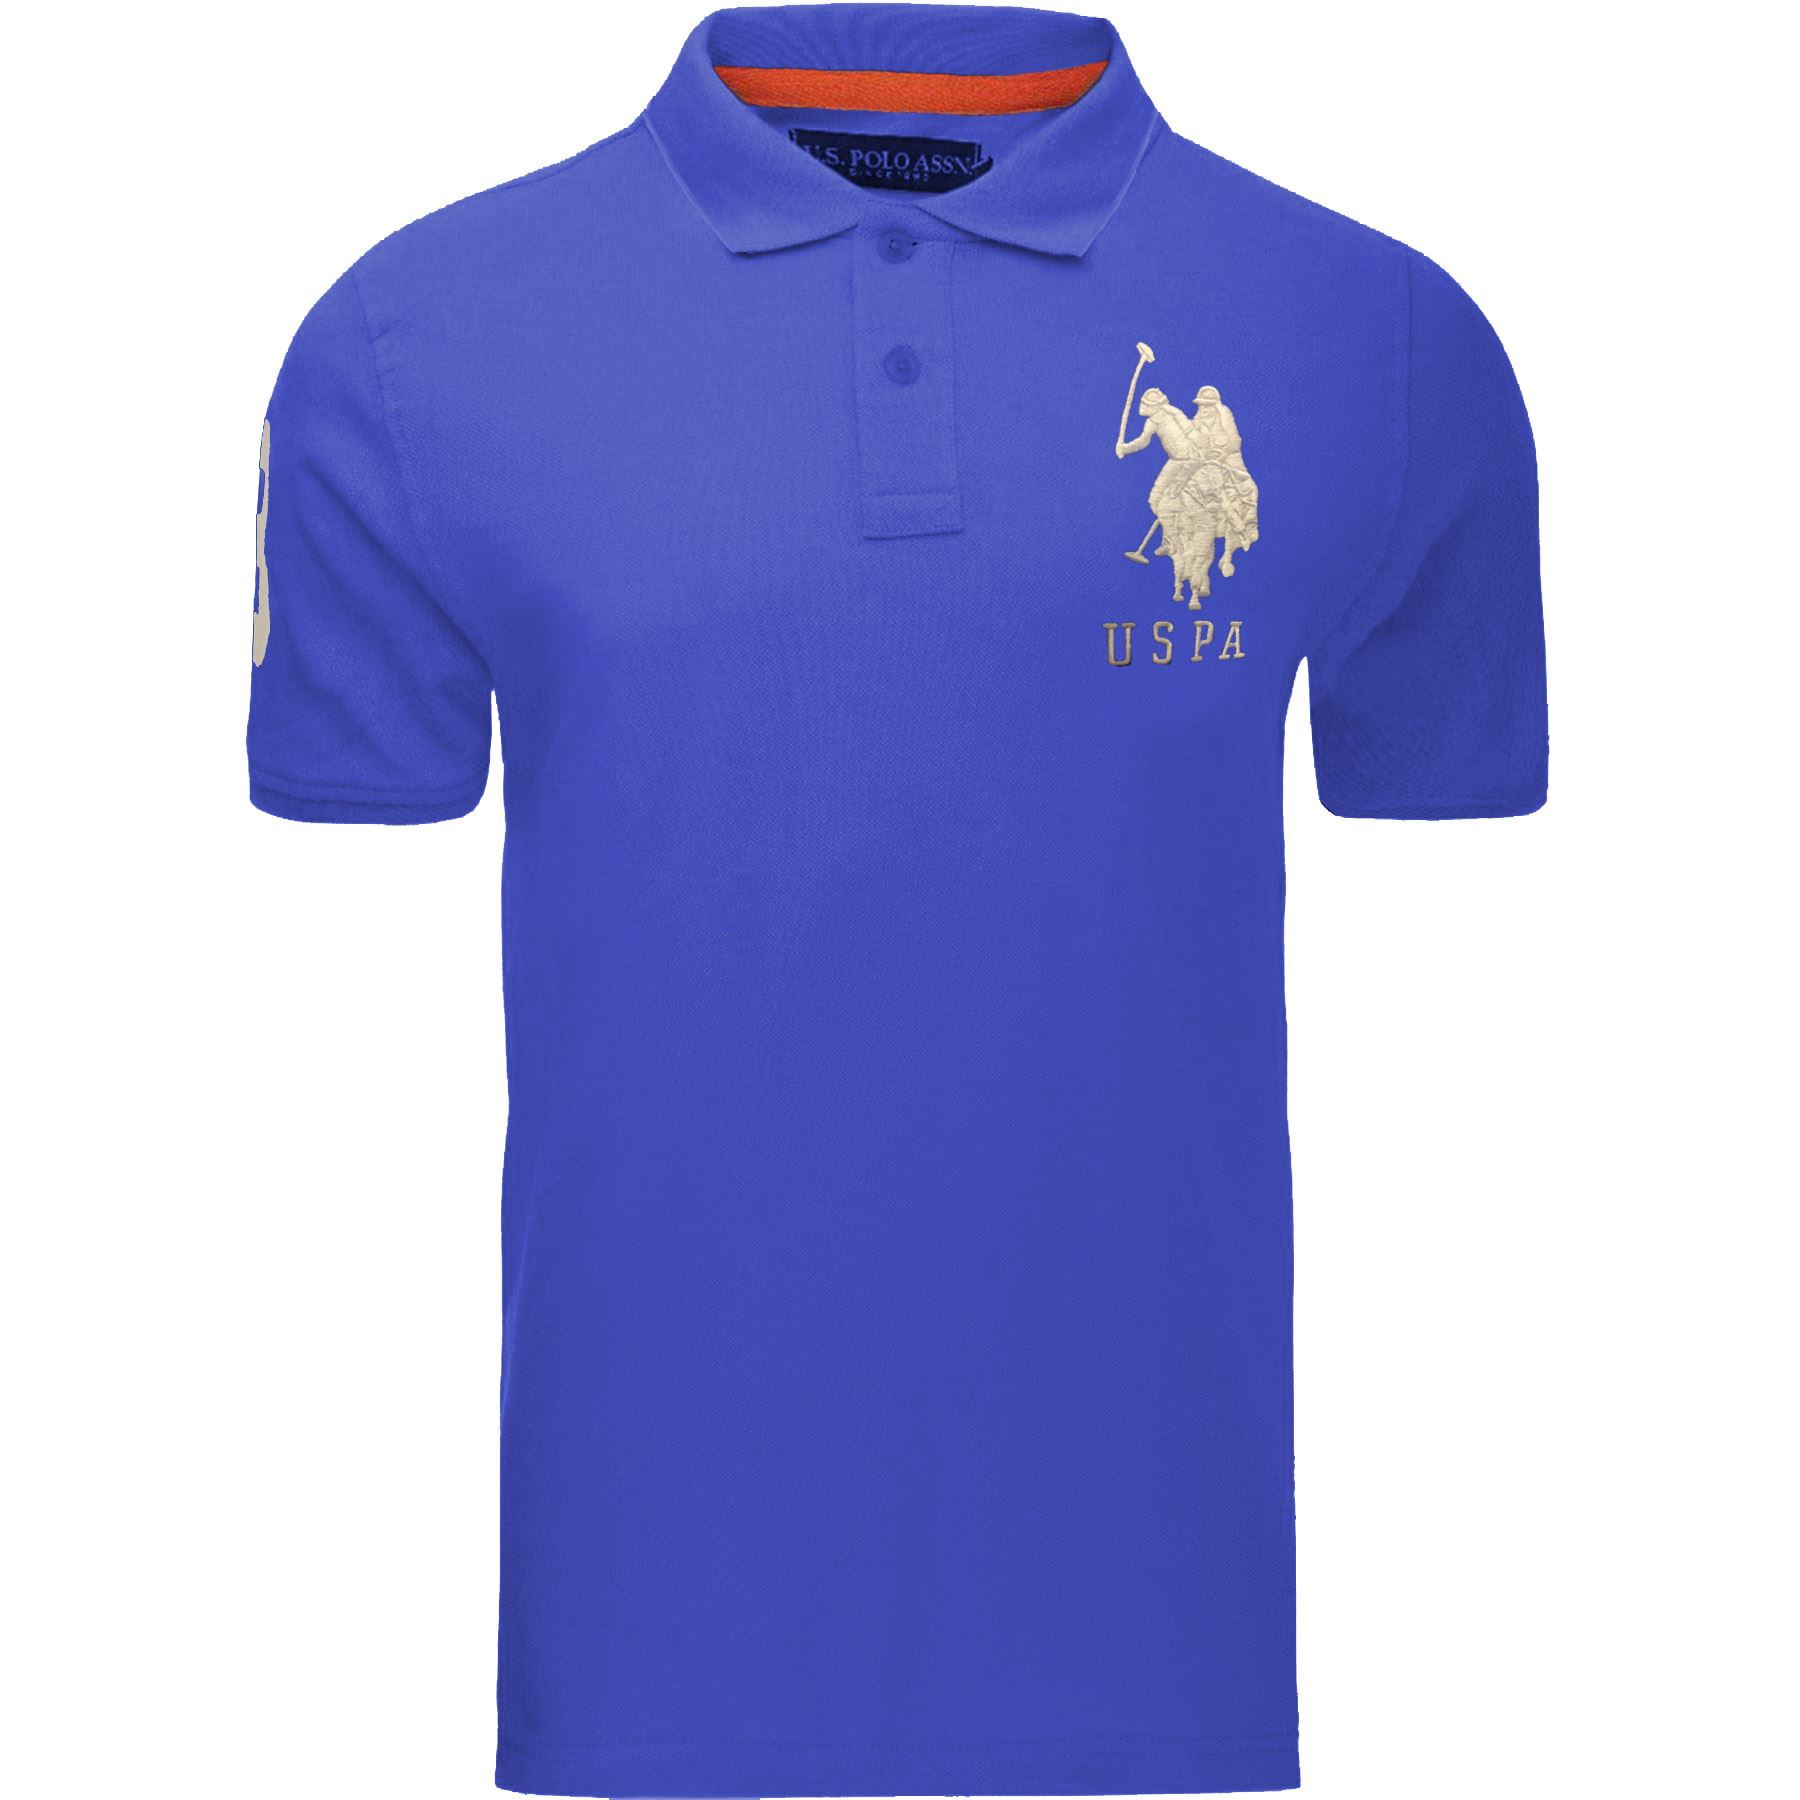 Nuevo-Para-Hombre-US-Polo-Assn-Pique-Camiseta-Camisa-Manga-Corta-Top-de-marca-100-algodon